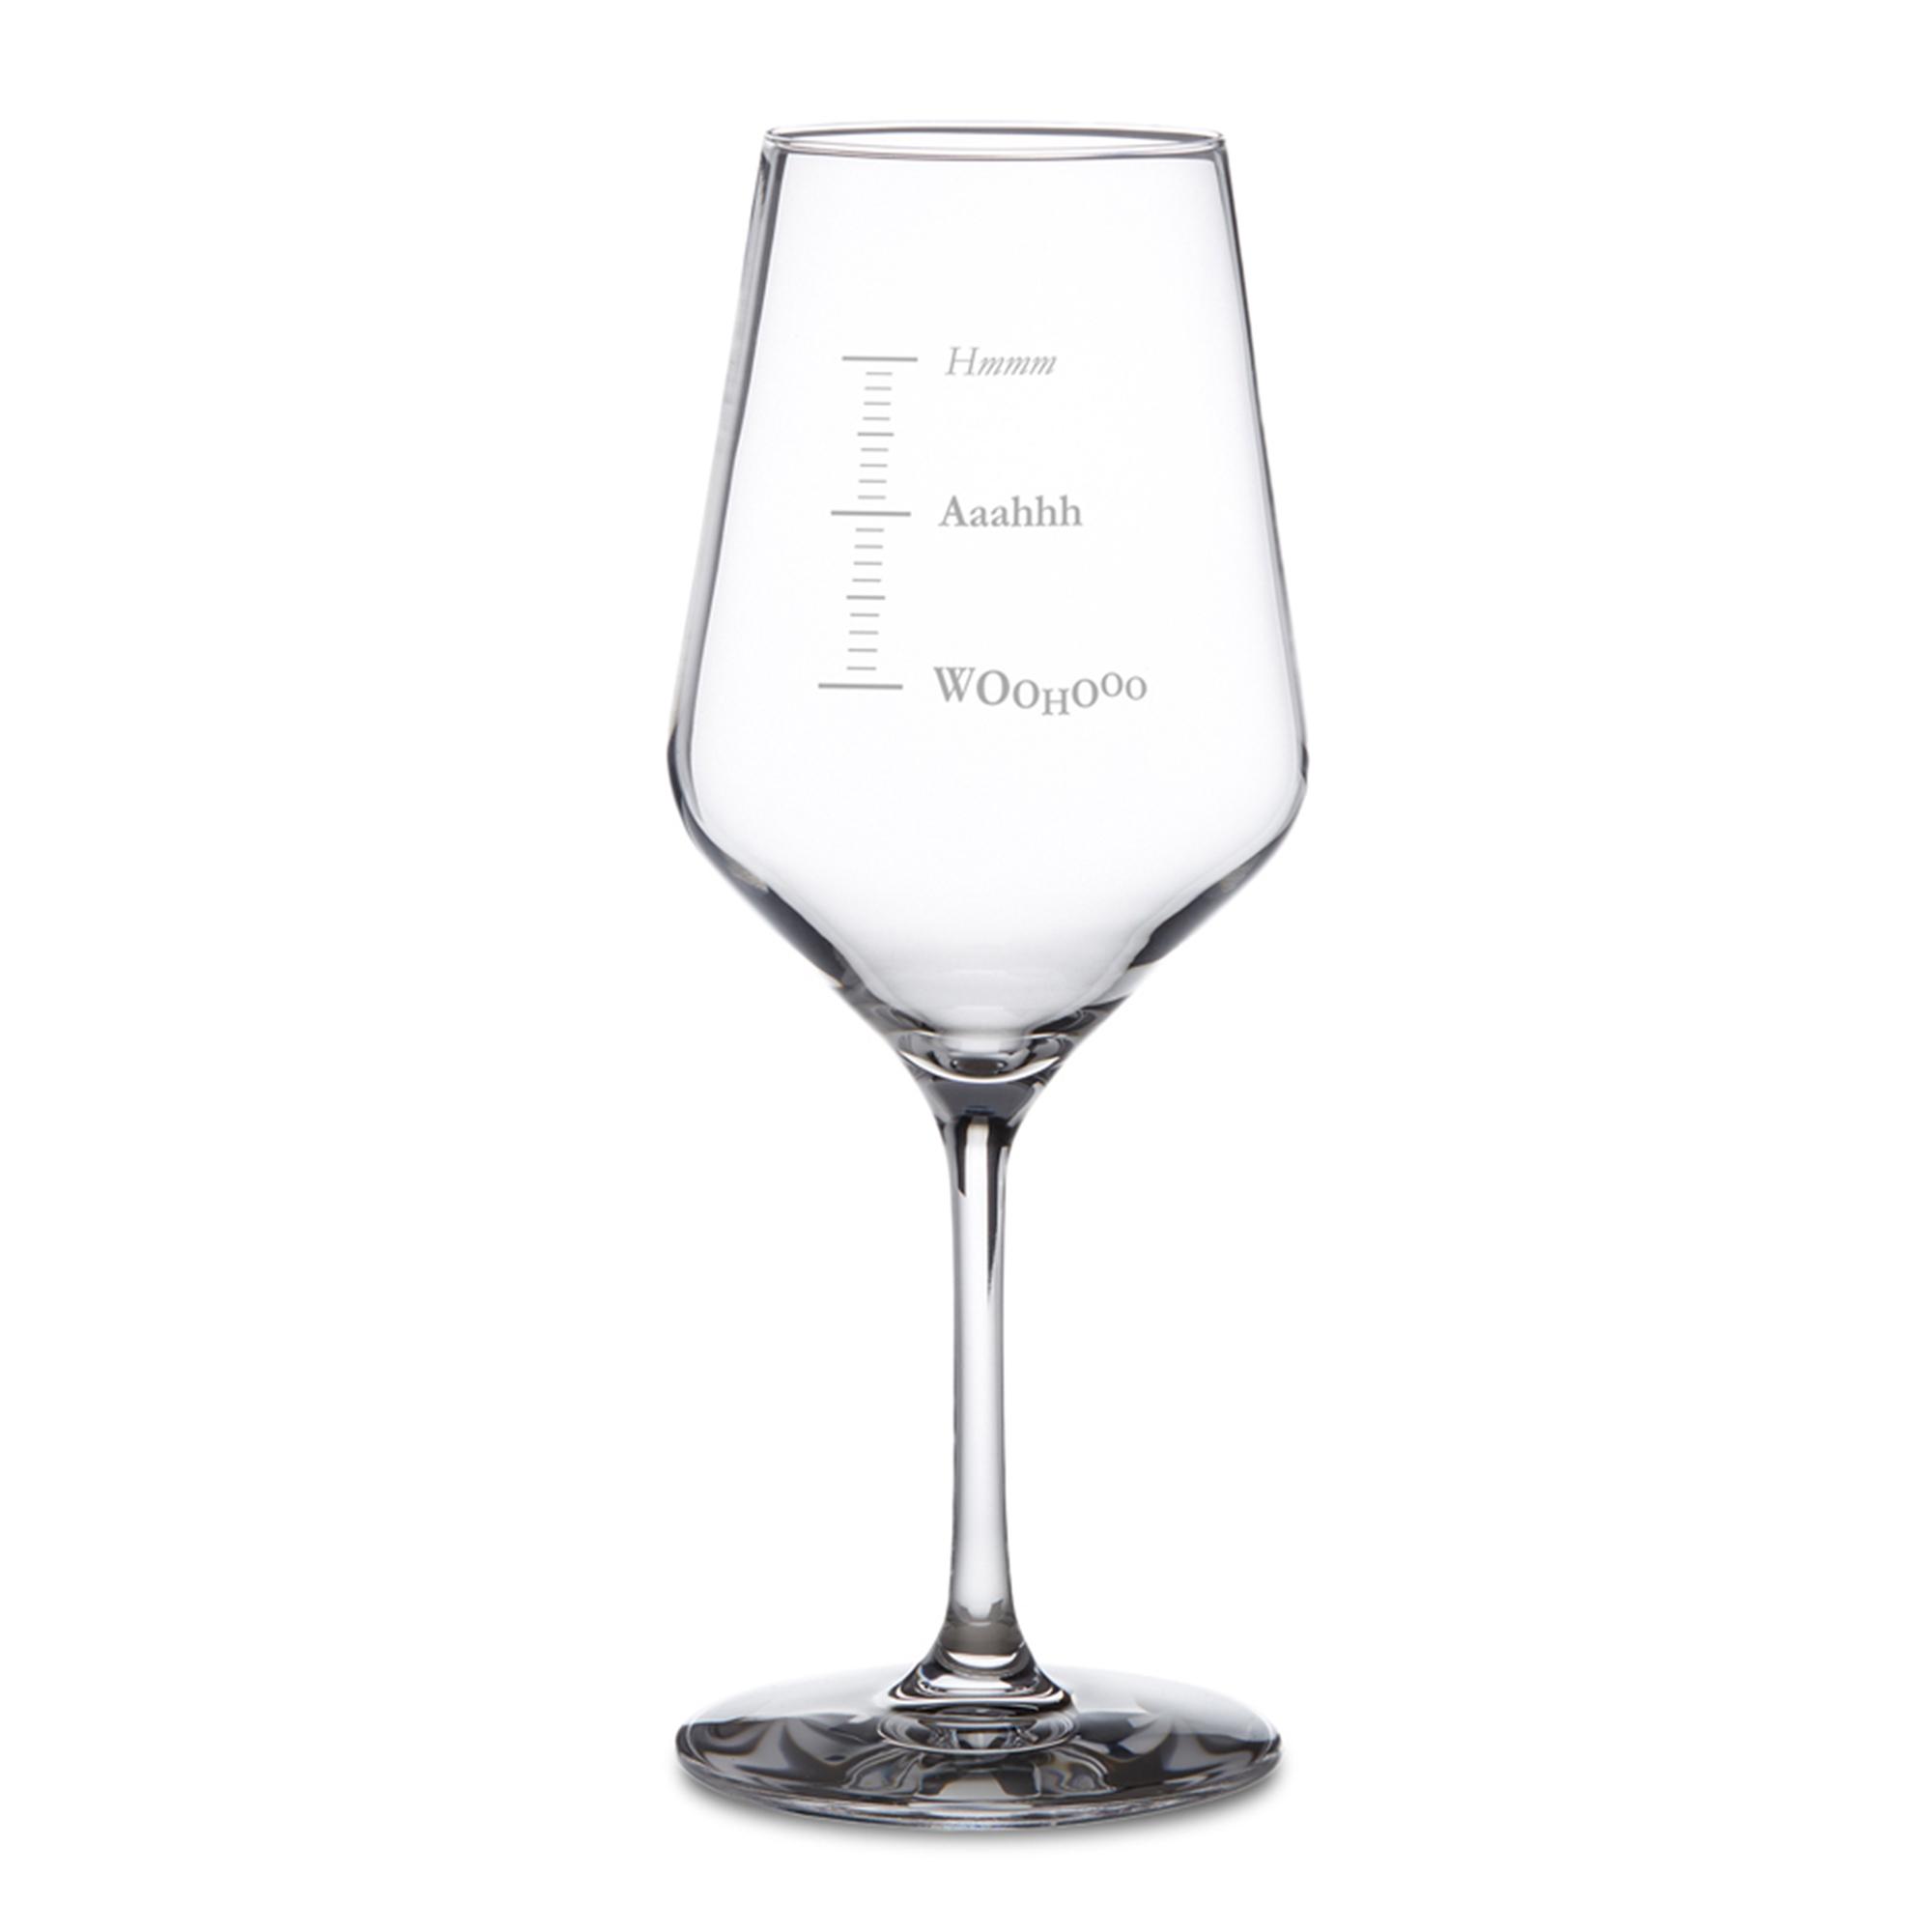 Weißweinglas mit Gravur - Woohooo - 2